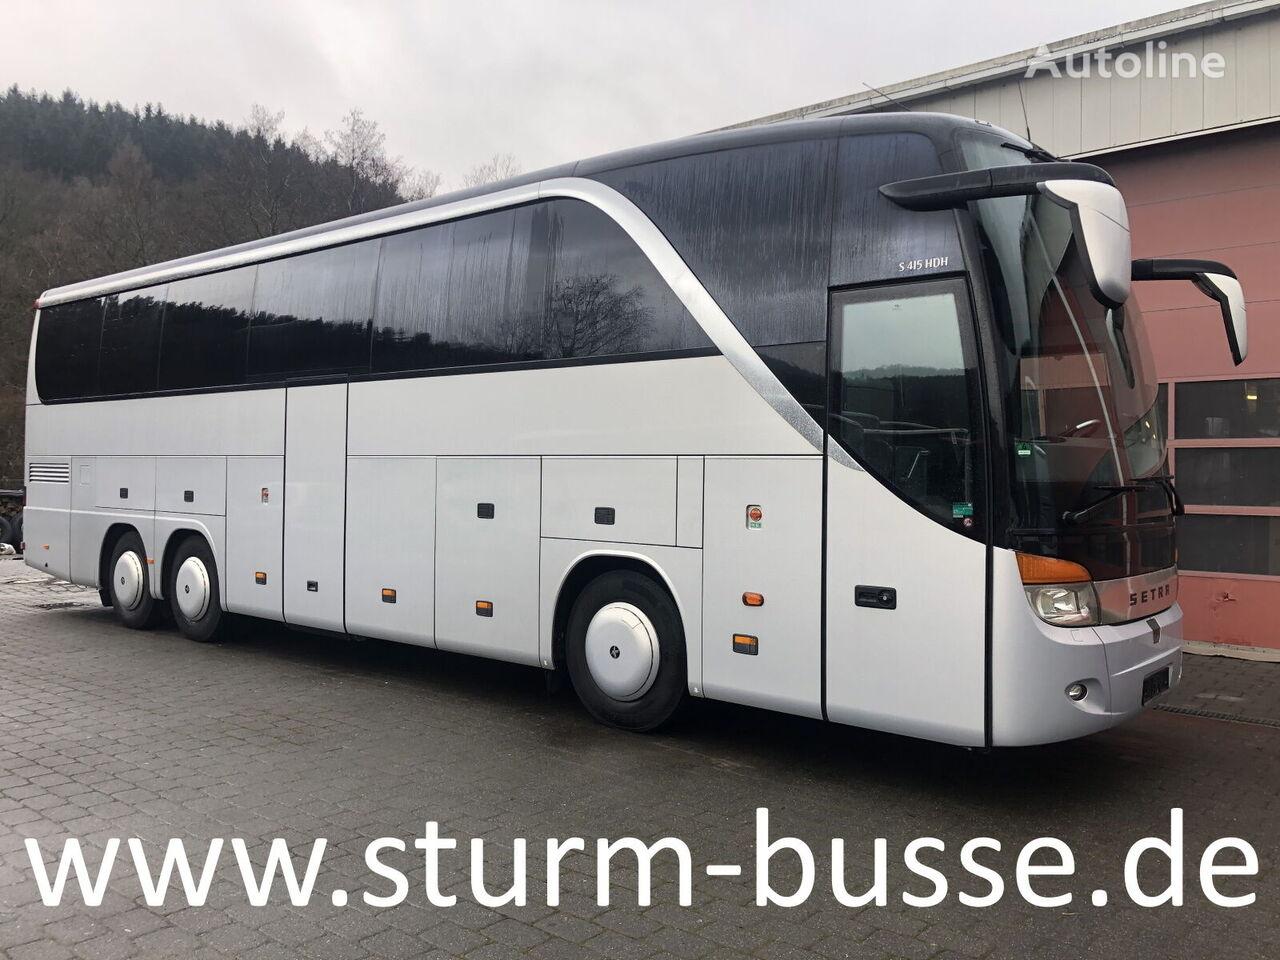 SETRA S 415 HDH tur otobüsü